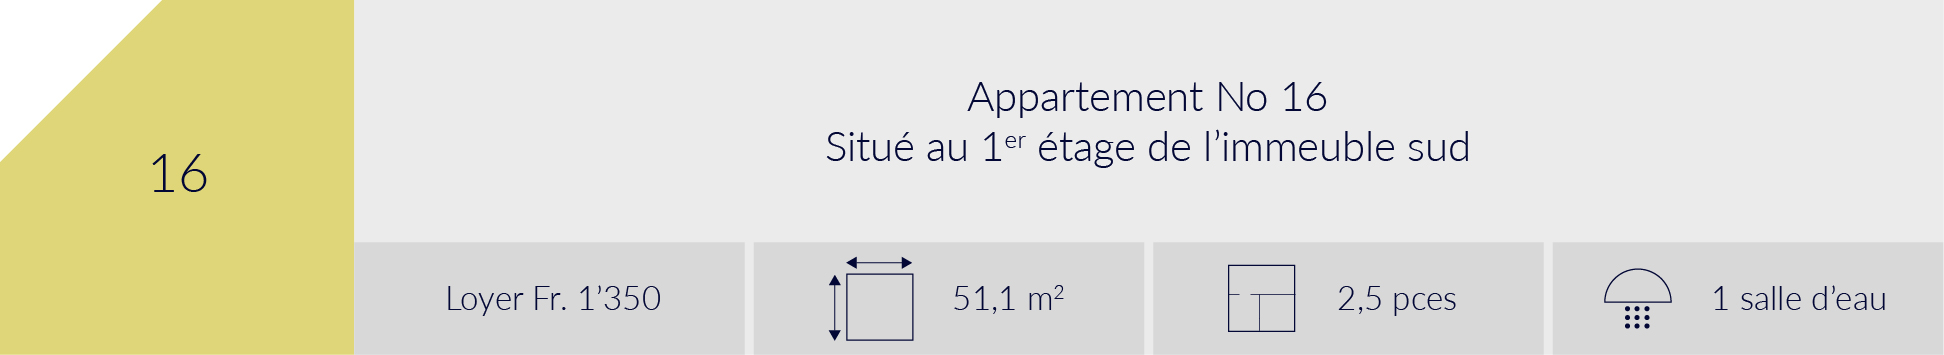 vignette appartement 16